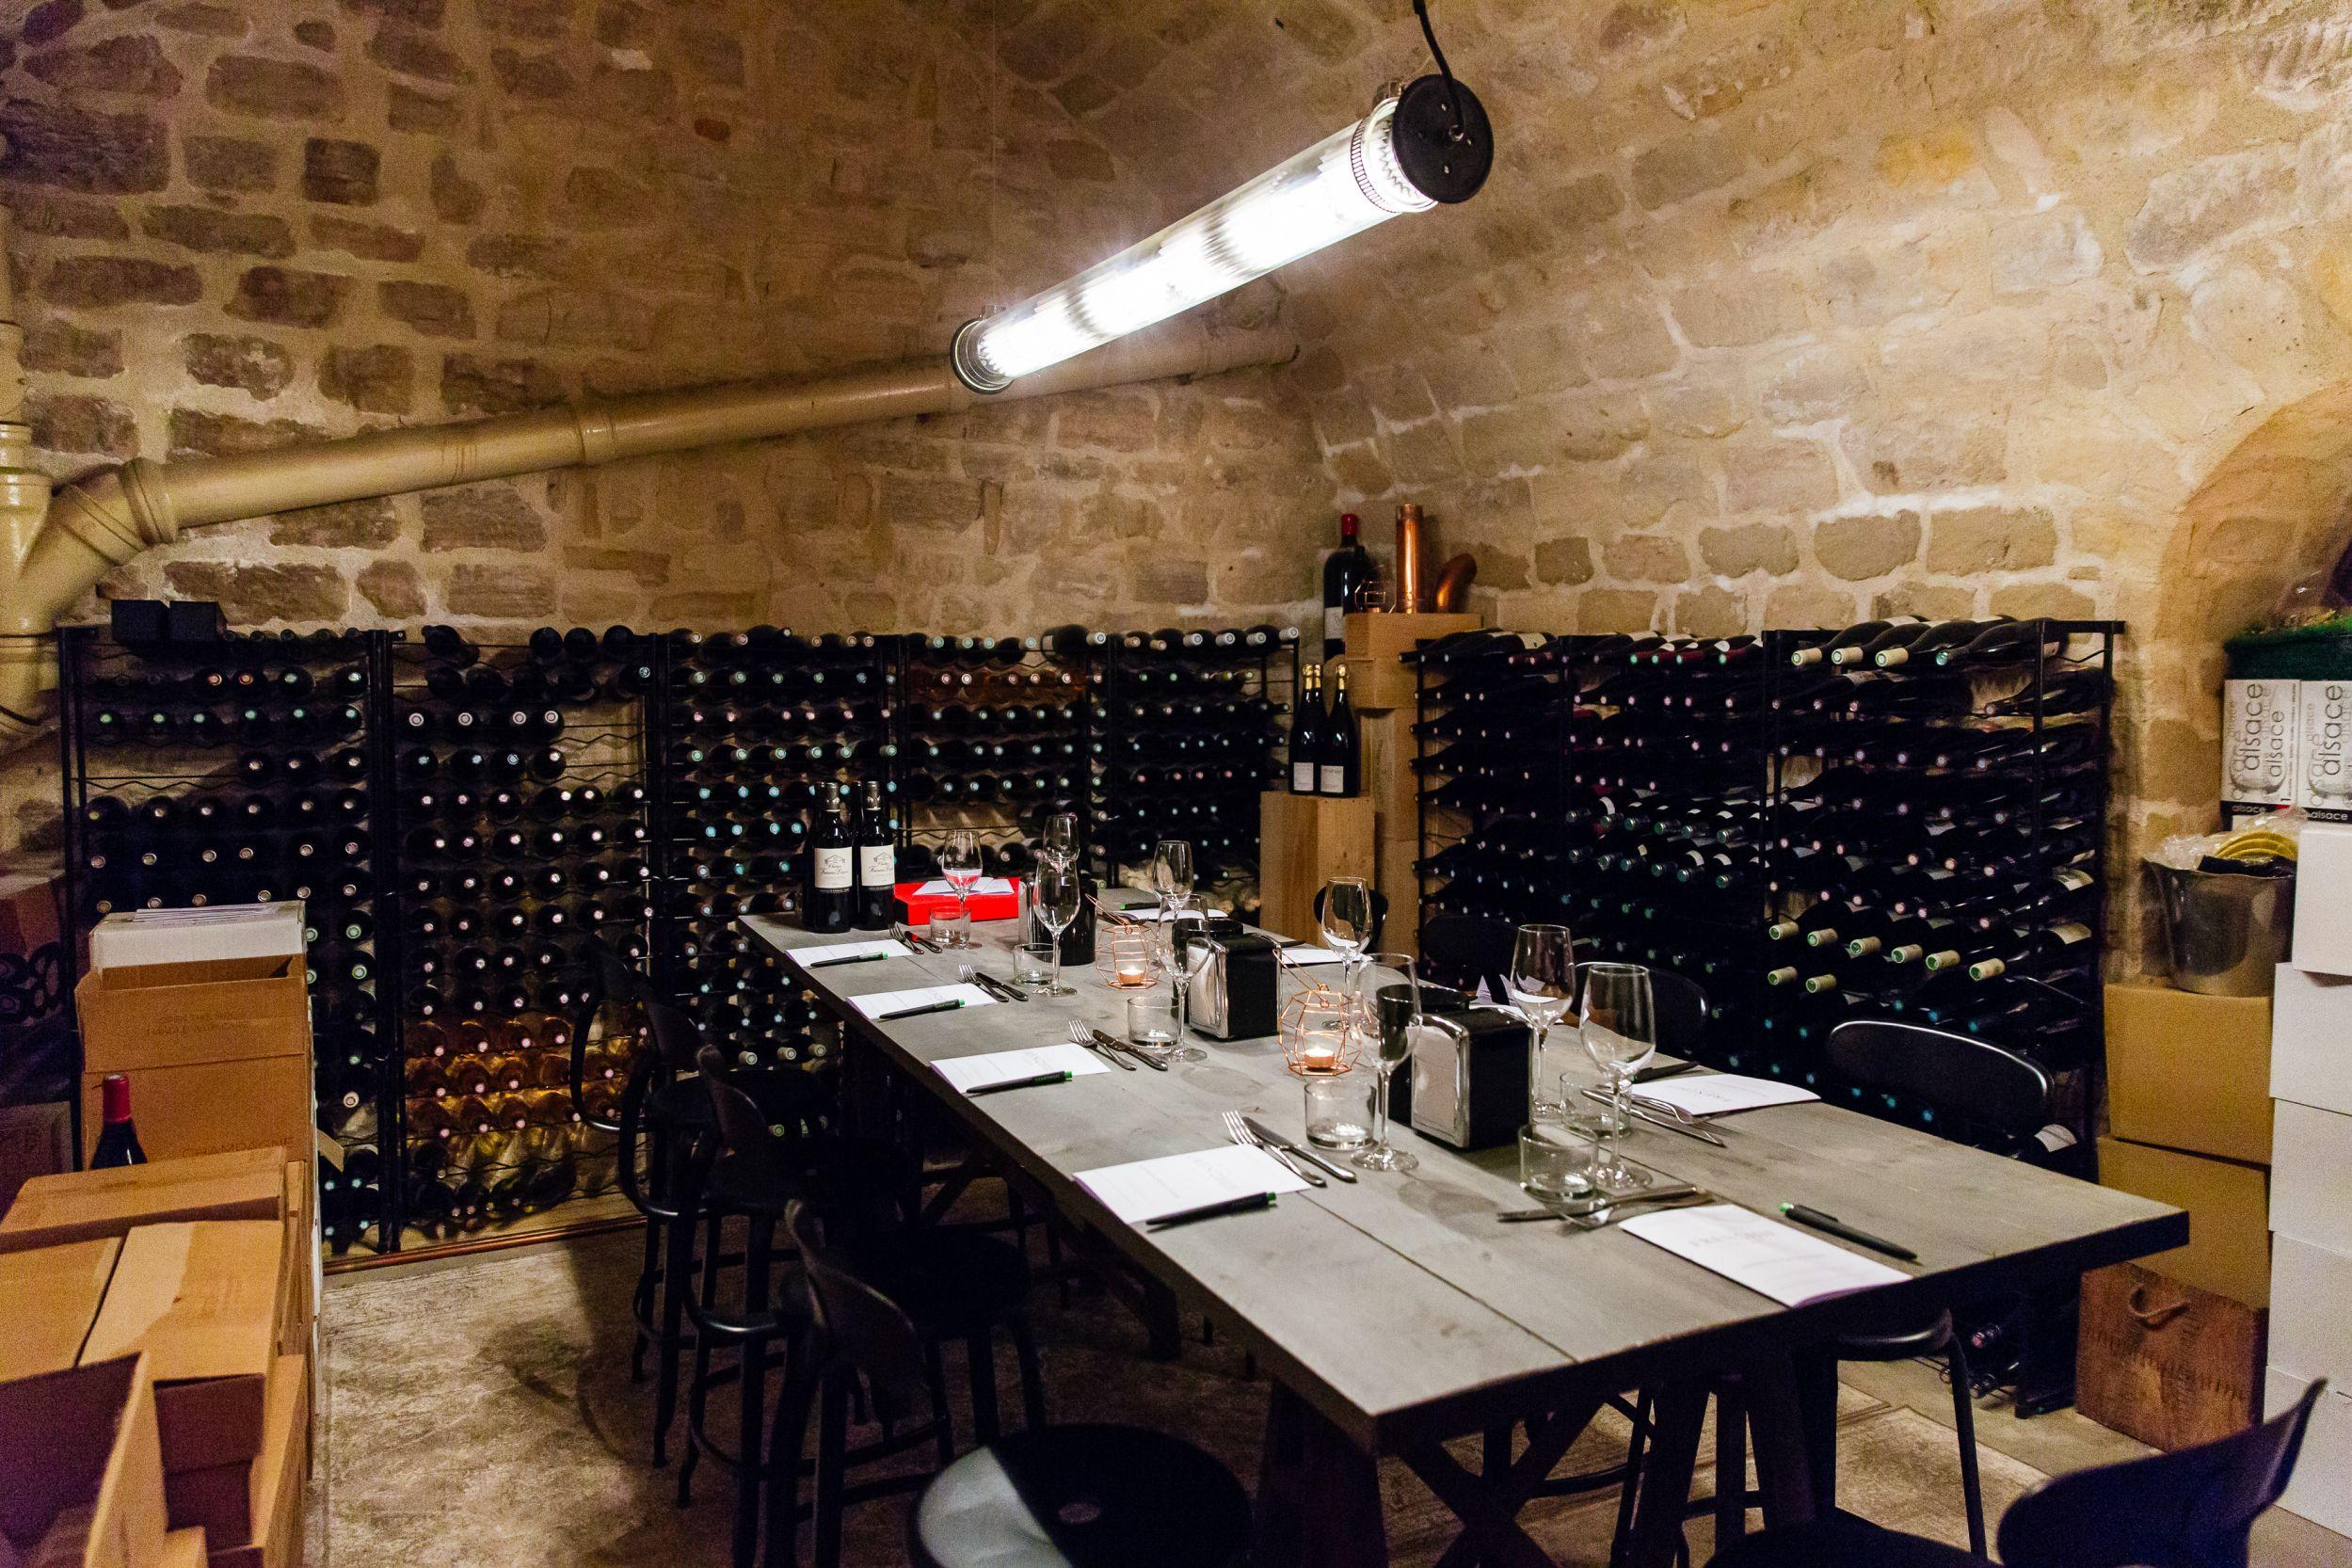 Cours de dégustation 1 personne : Découverte des régions viticoles françaises image 1